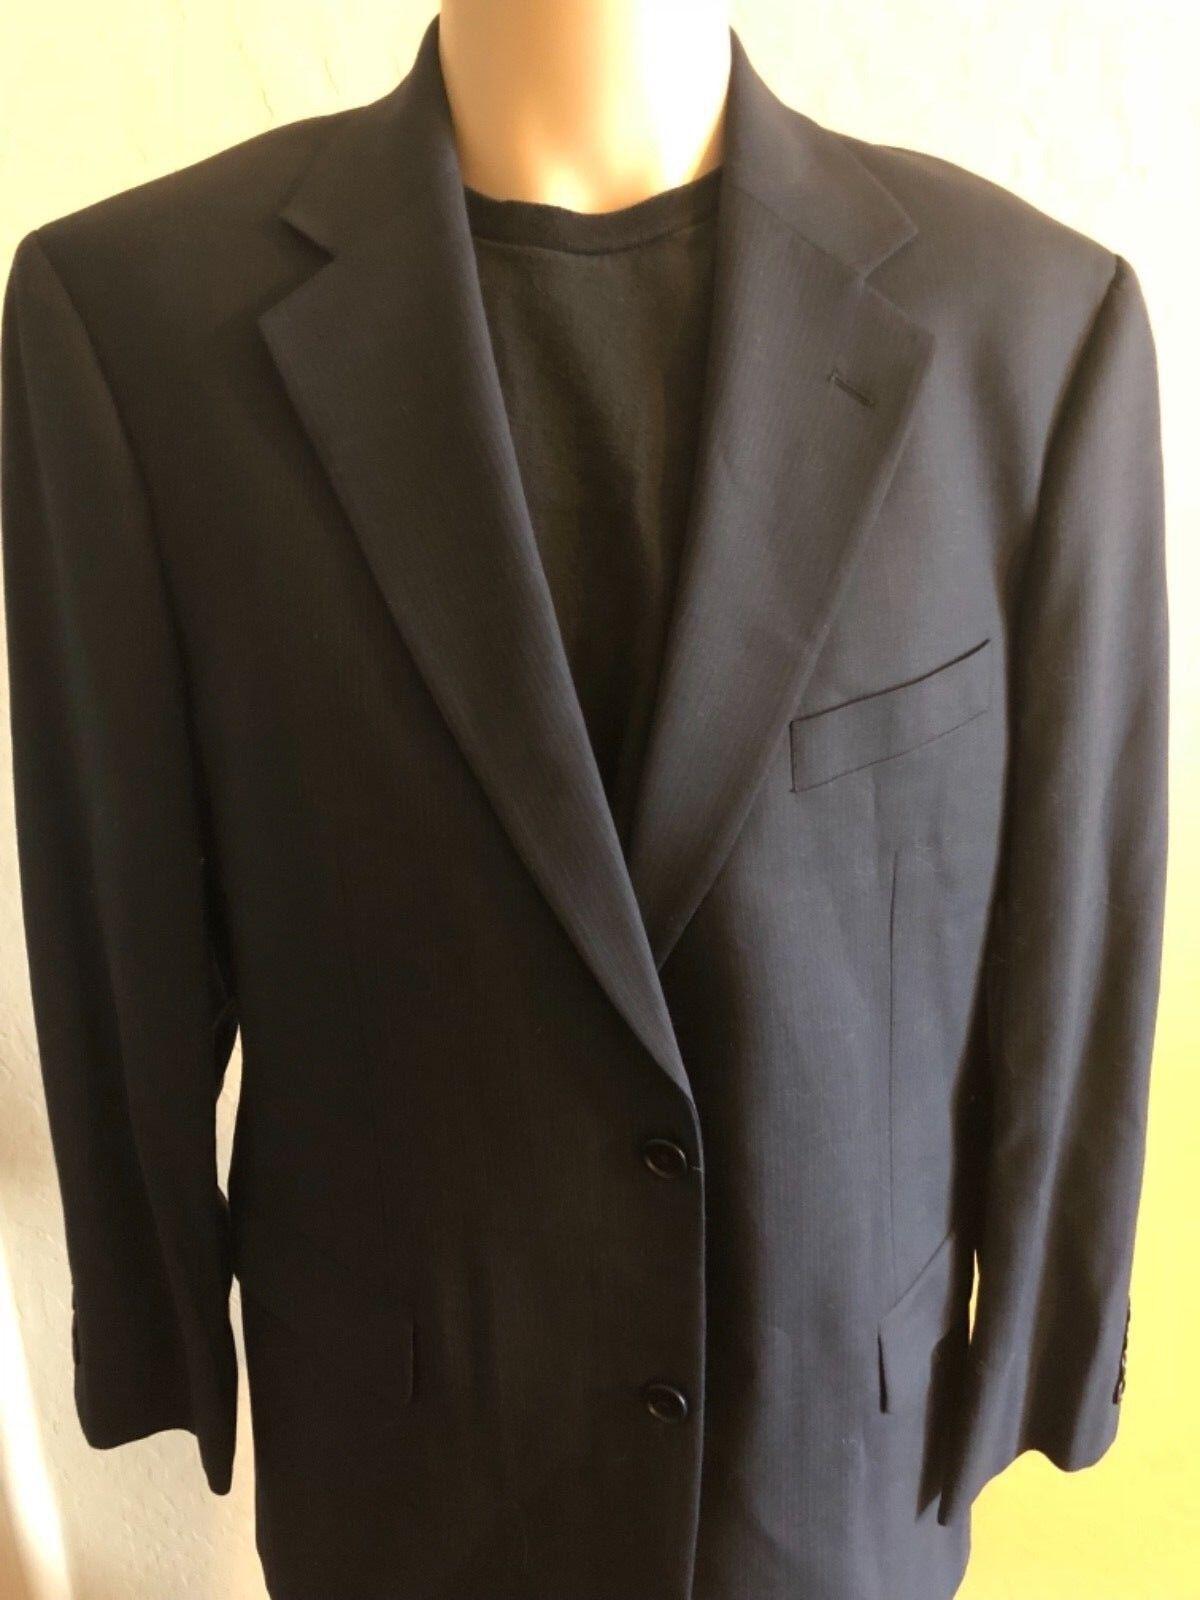 Brooks Brothers 346 Stretch Sports Coat Wool Blau Pinstriped 42R